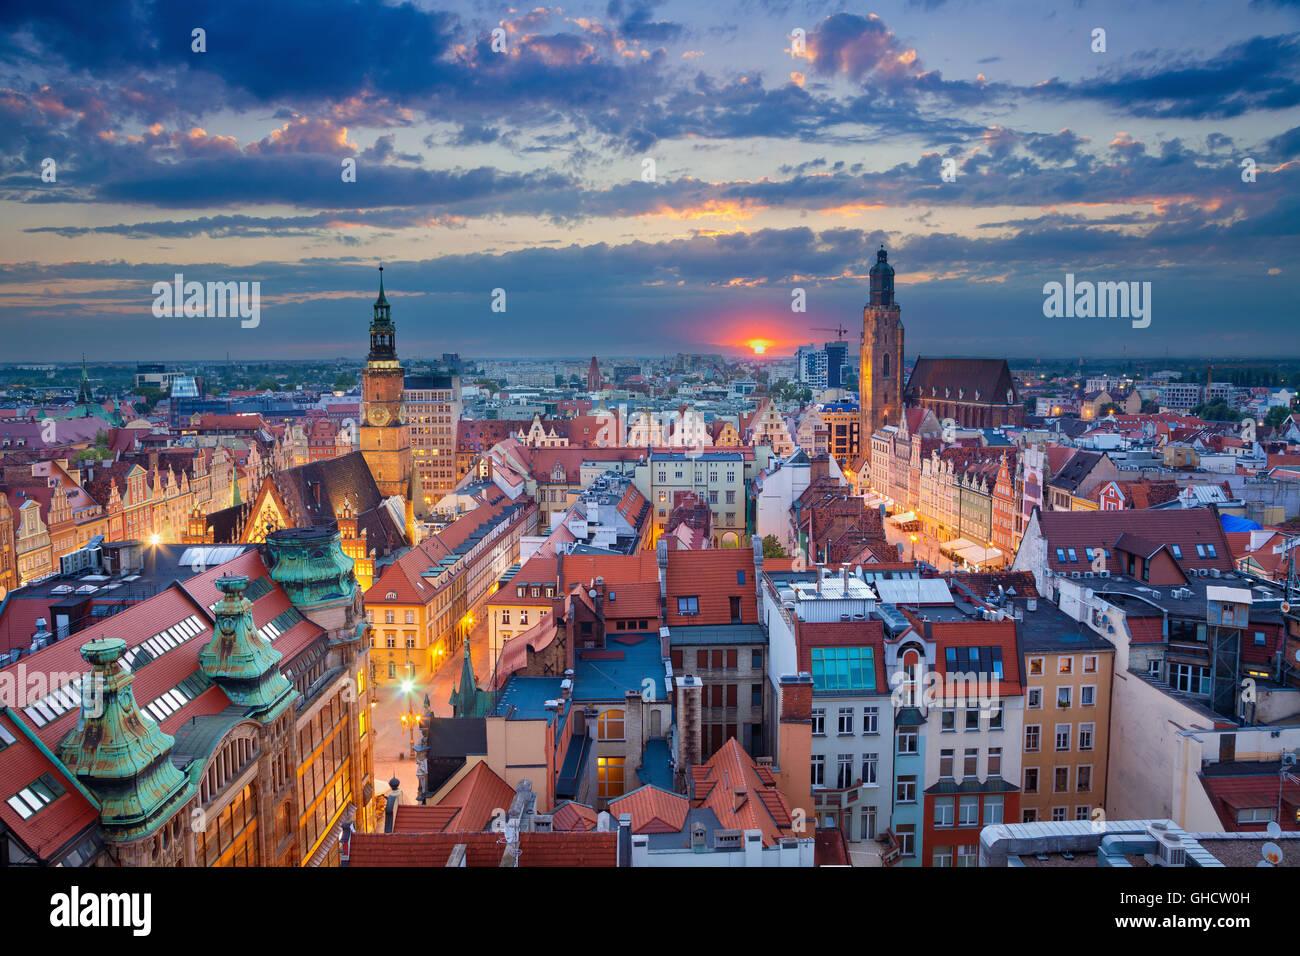 Wroclaw. Imagen de Wroclaw, Polonia durante la hora azul crepúsculo. Imagen De Stock